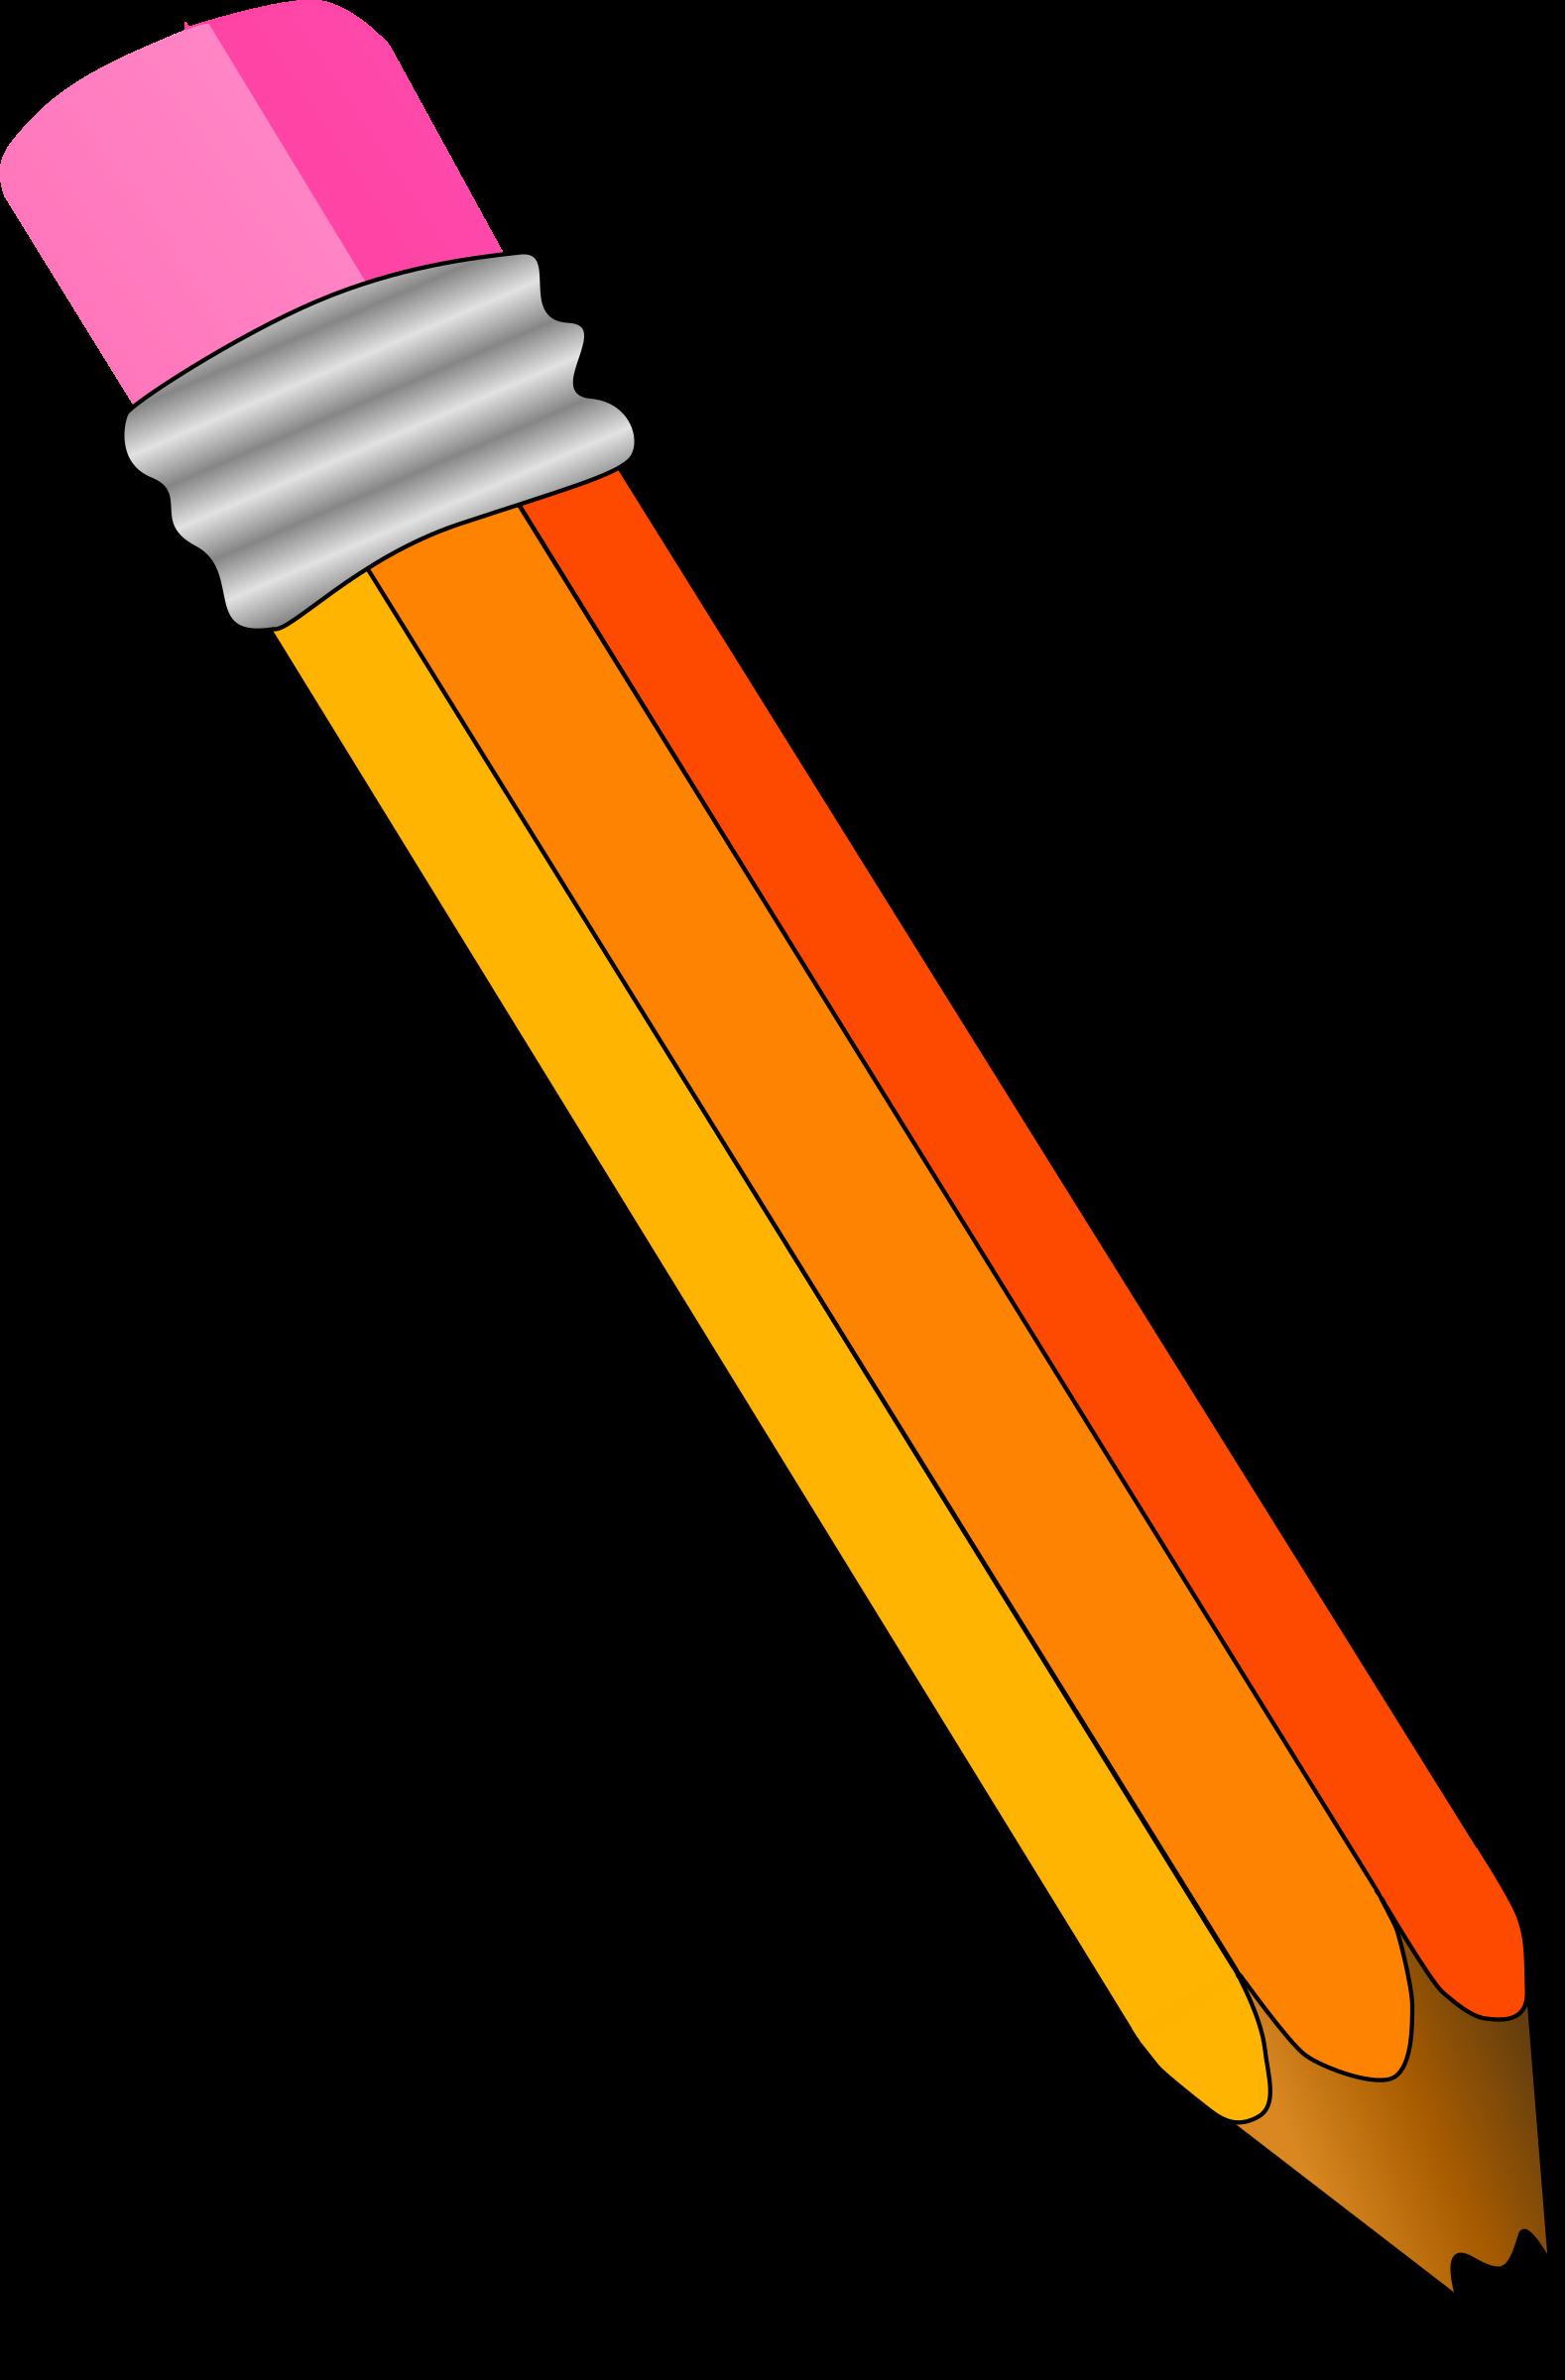 Pencil clipart 3